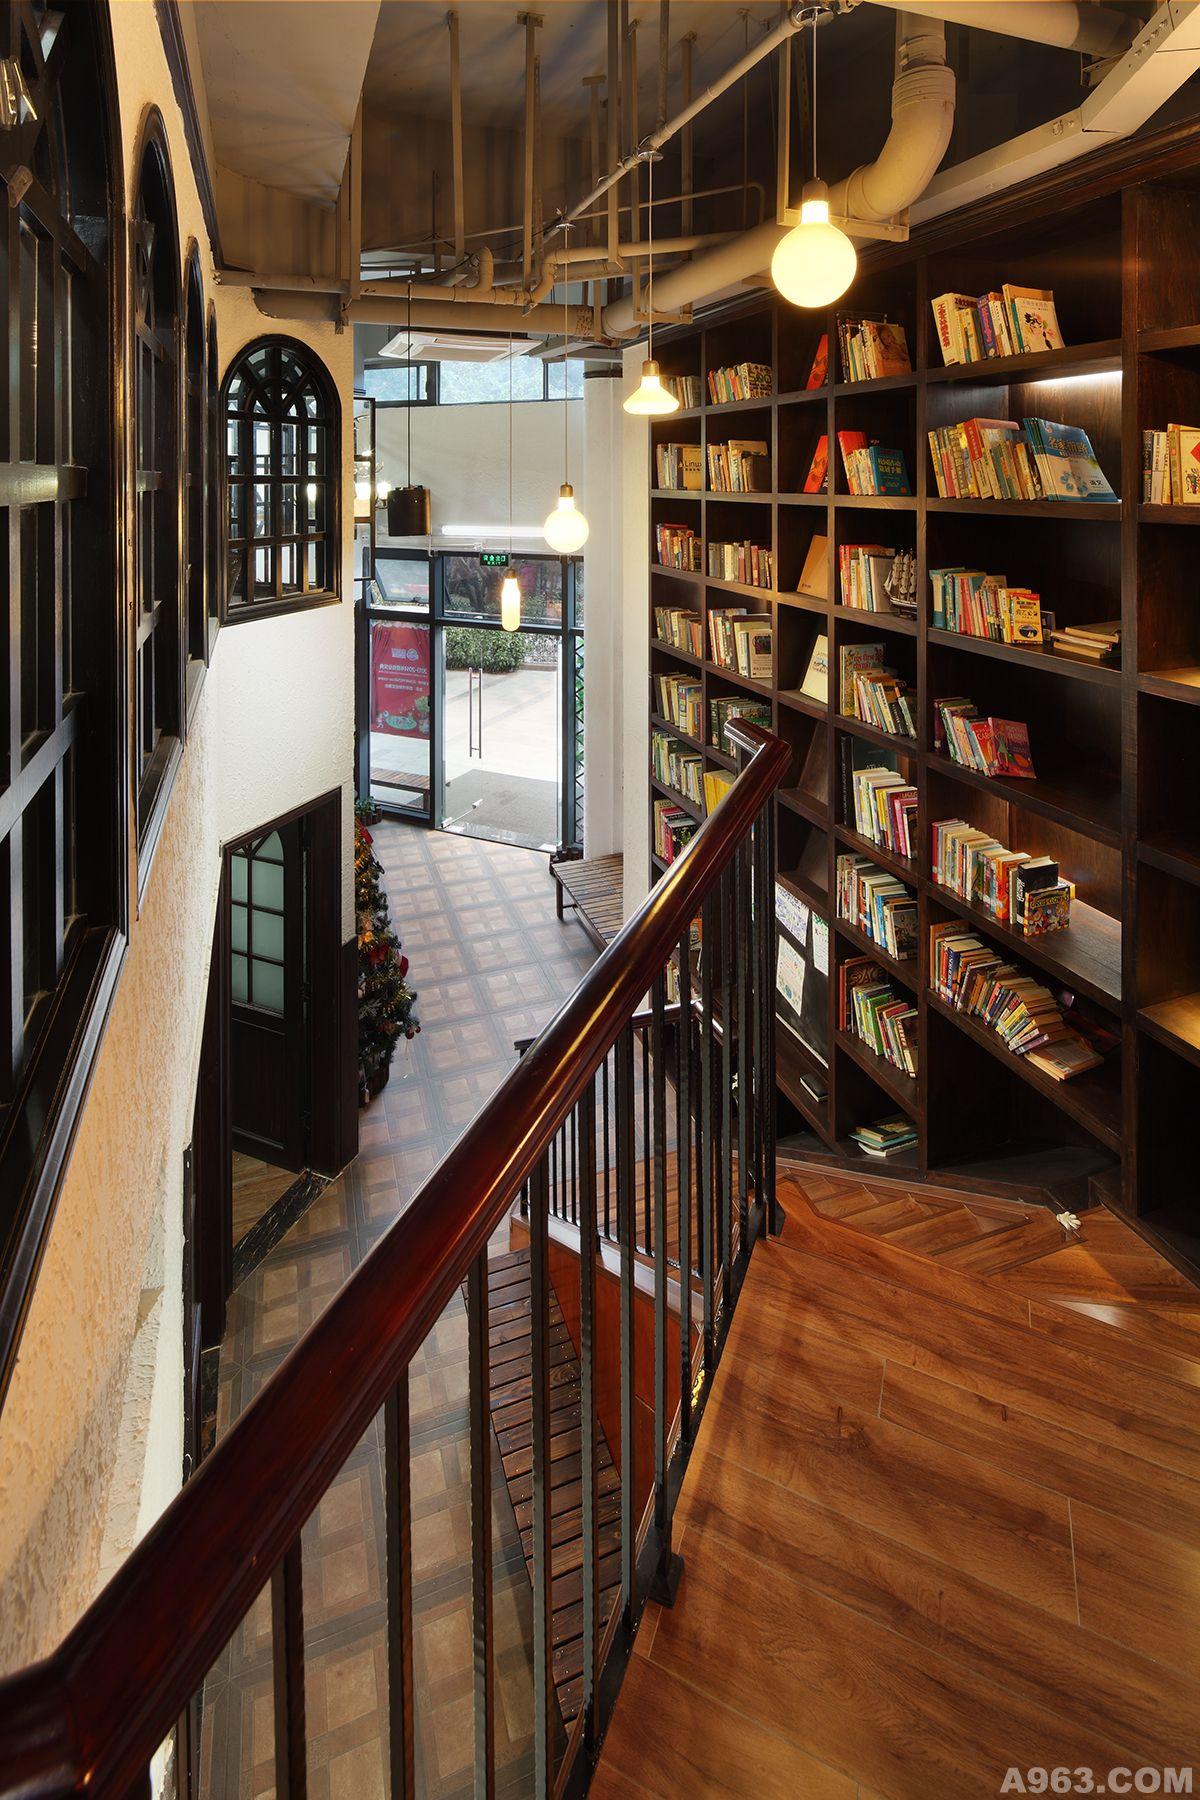 随用随挂的取拿方式,既给阅读者提供了便利,同时还提升了空间的使用范围,在这个原本狭窄的楼梯间创造出一个私密的书吧,不禁令人感到兴奋。